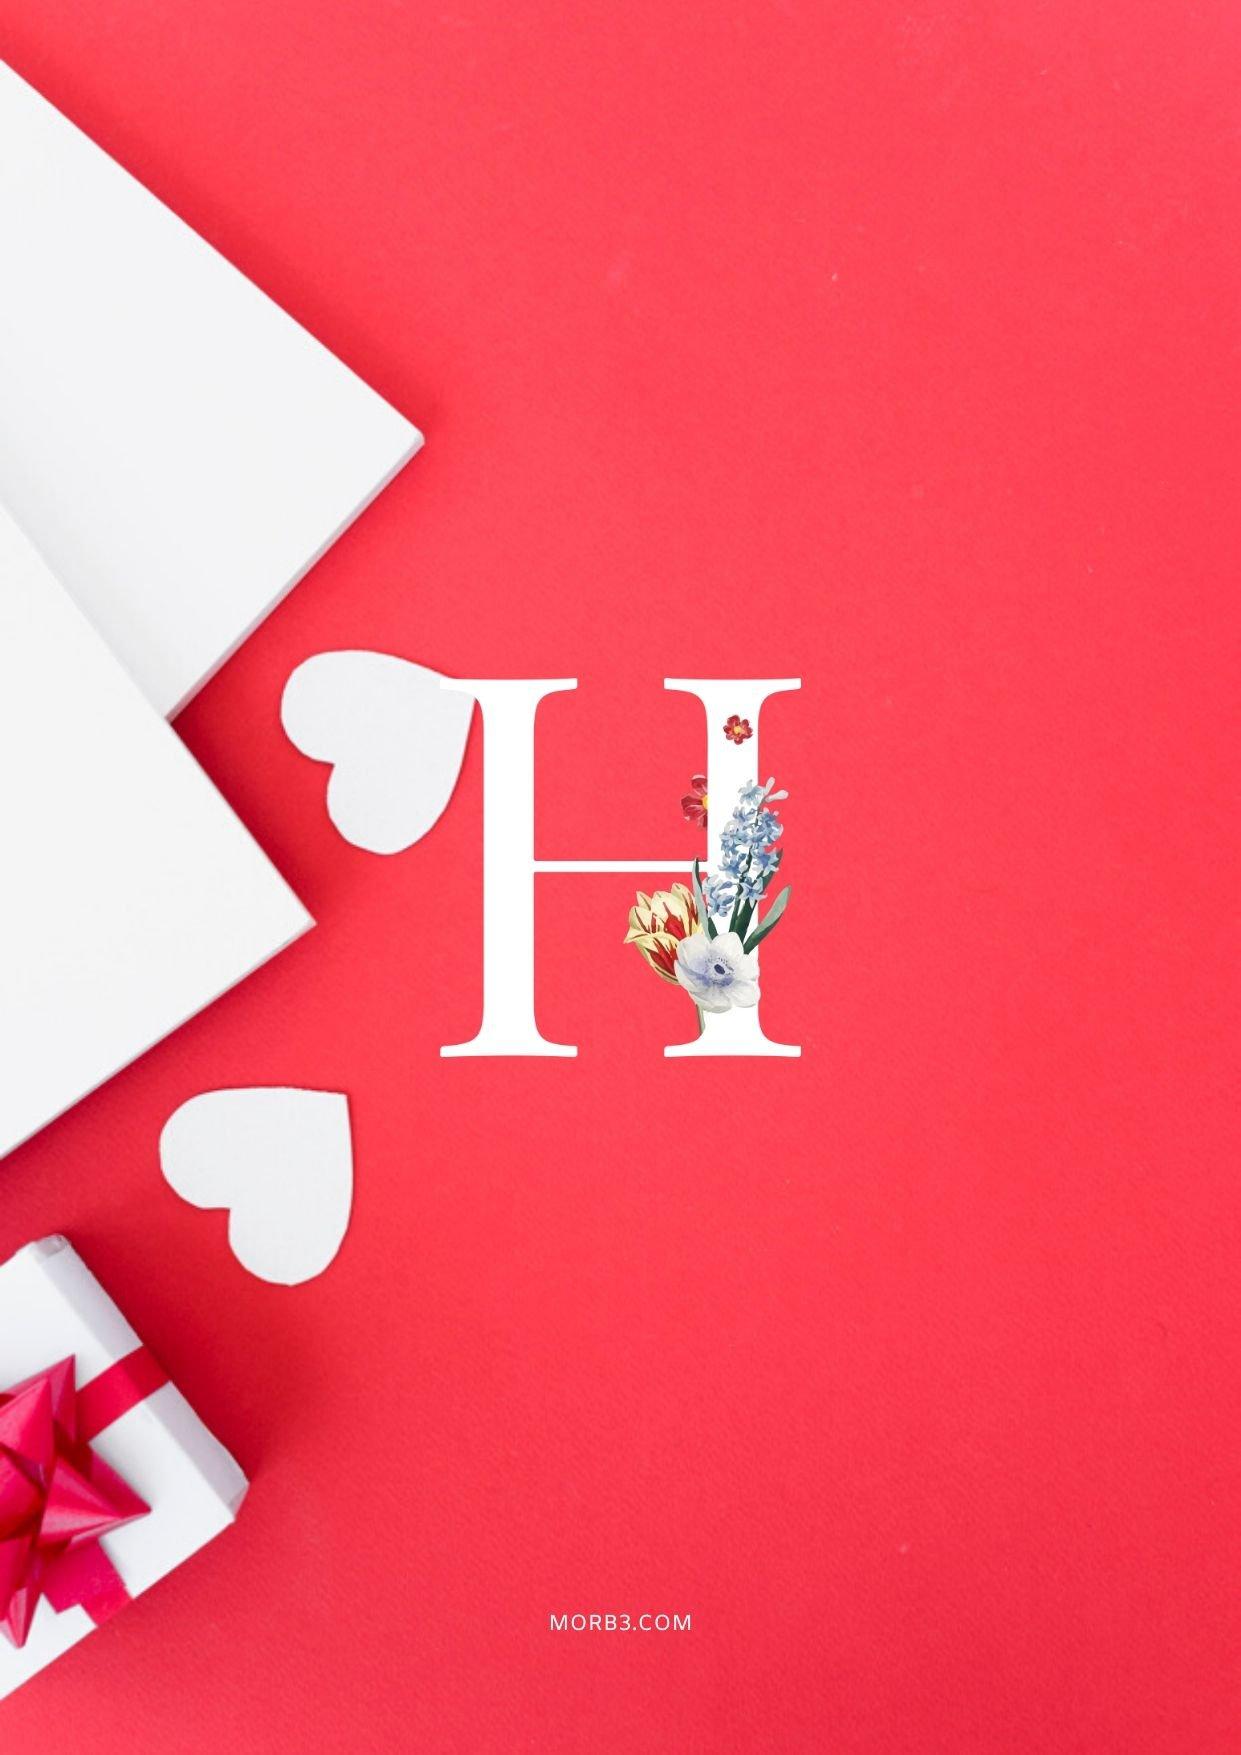 صور حرف H خلفيات حرف H خلفيات حرف H رومانسية اجمل حرف H في العالم حرف H بالورد حرف H احبك حرف H في قلوب حرف H مع كلام حب خلفيات حرف